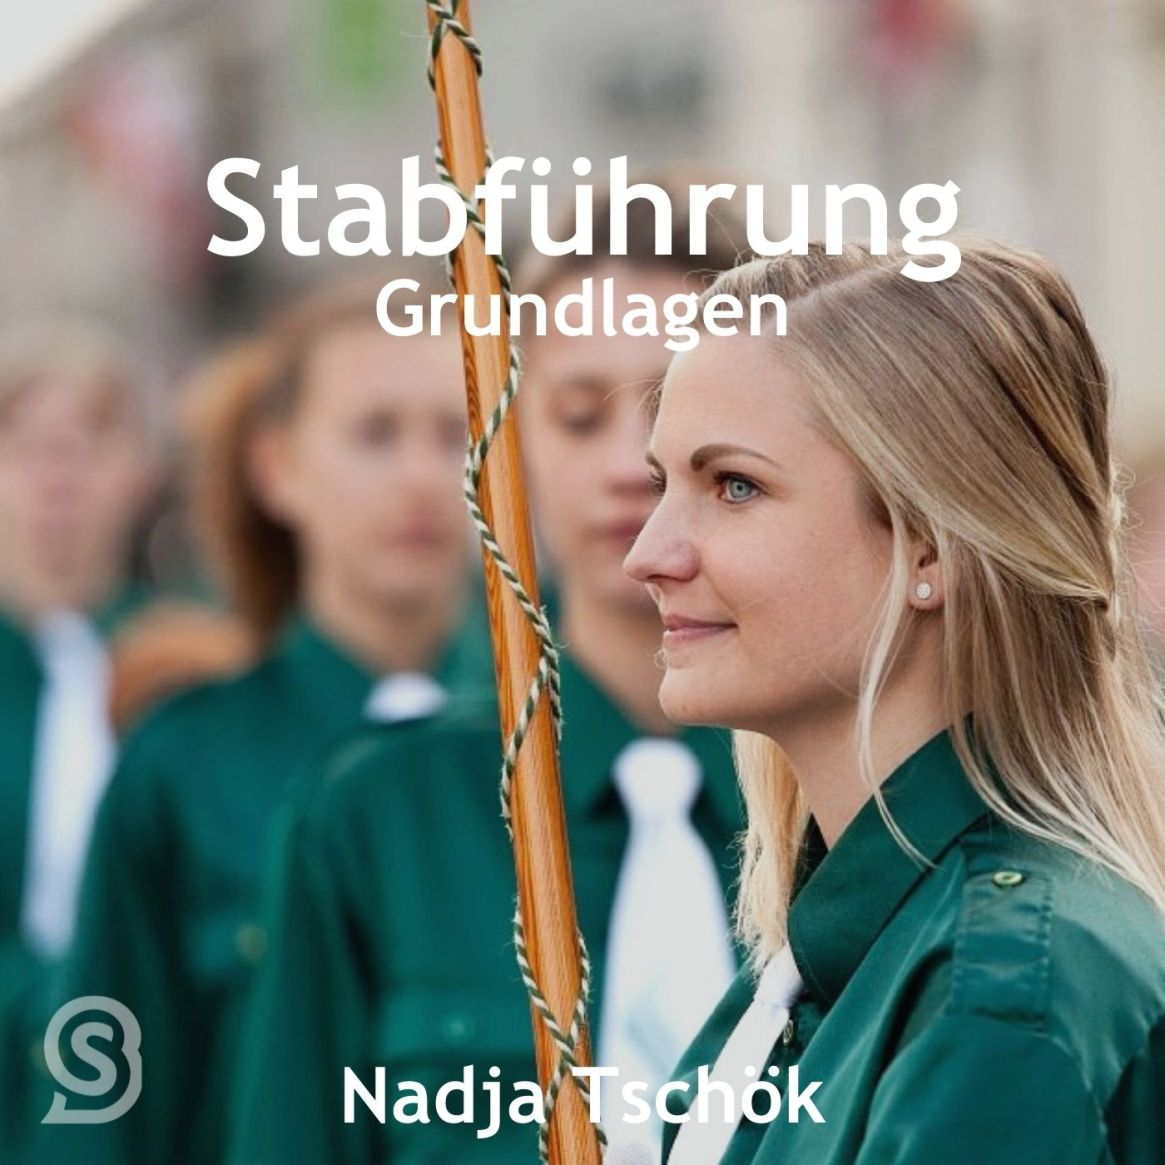 Grundlagen der Stabführung lernen - mit Nadja Tschök